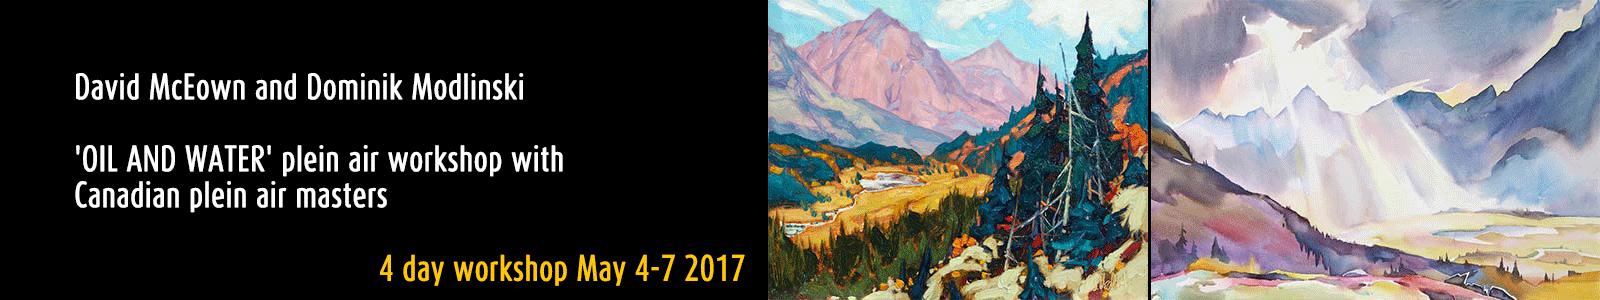 workshops-2017-01